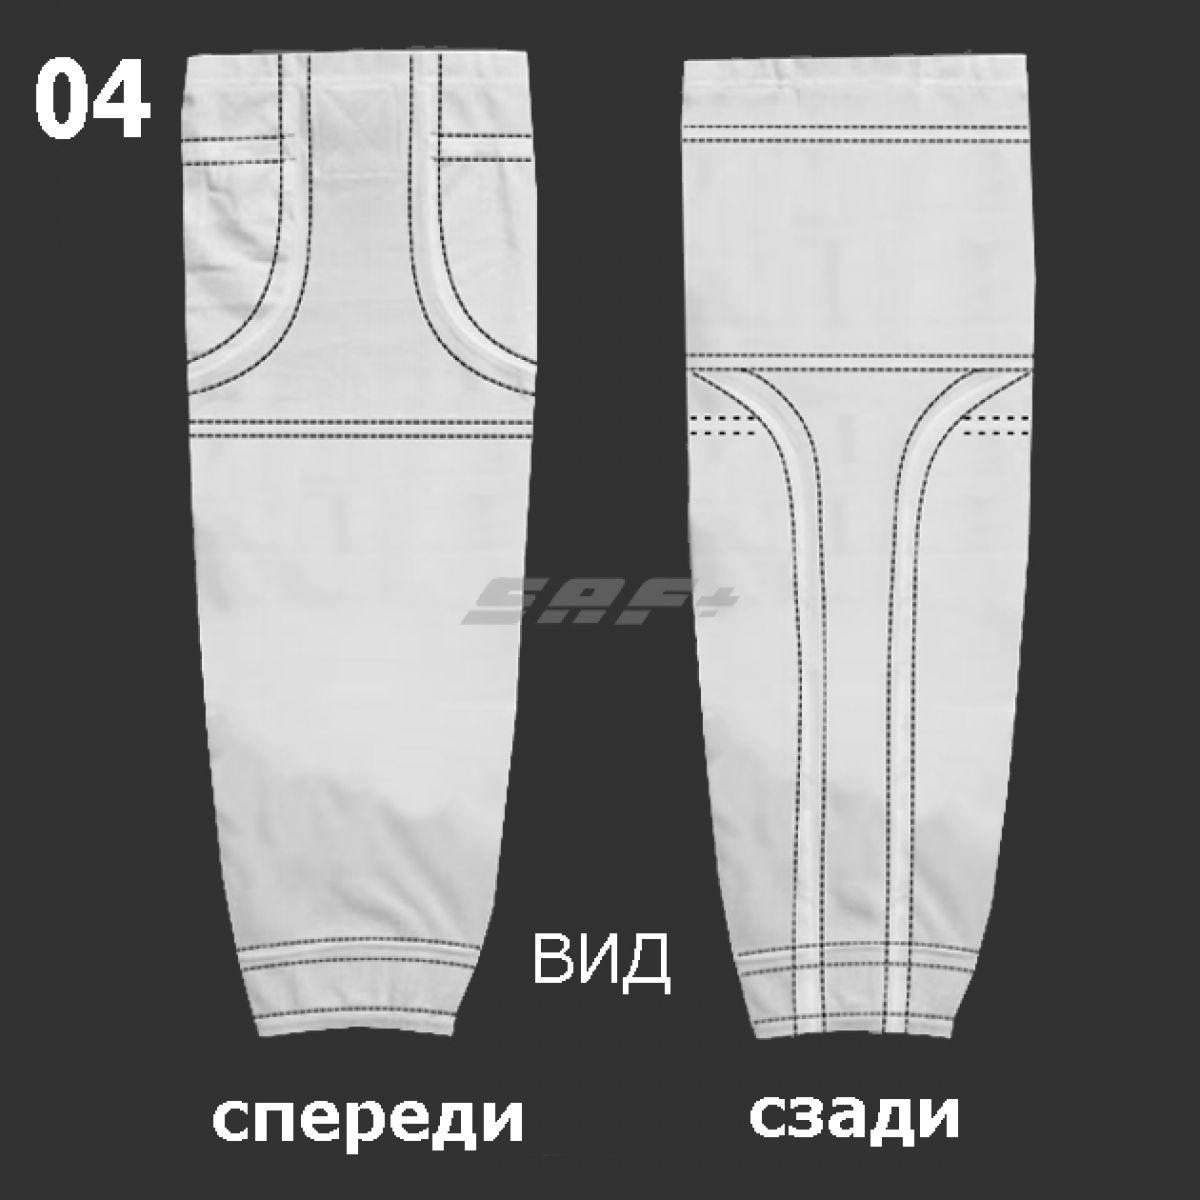 ГАМАШИ-04 хоккейные анатомические (СУБЛИМАЦИЯ)